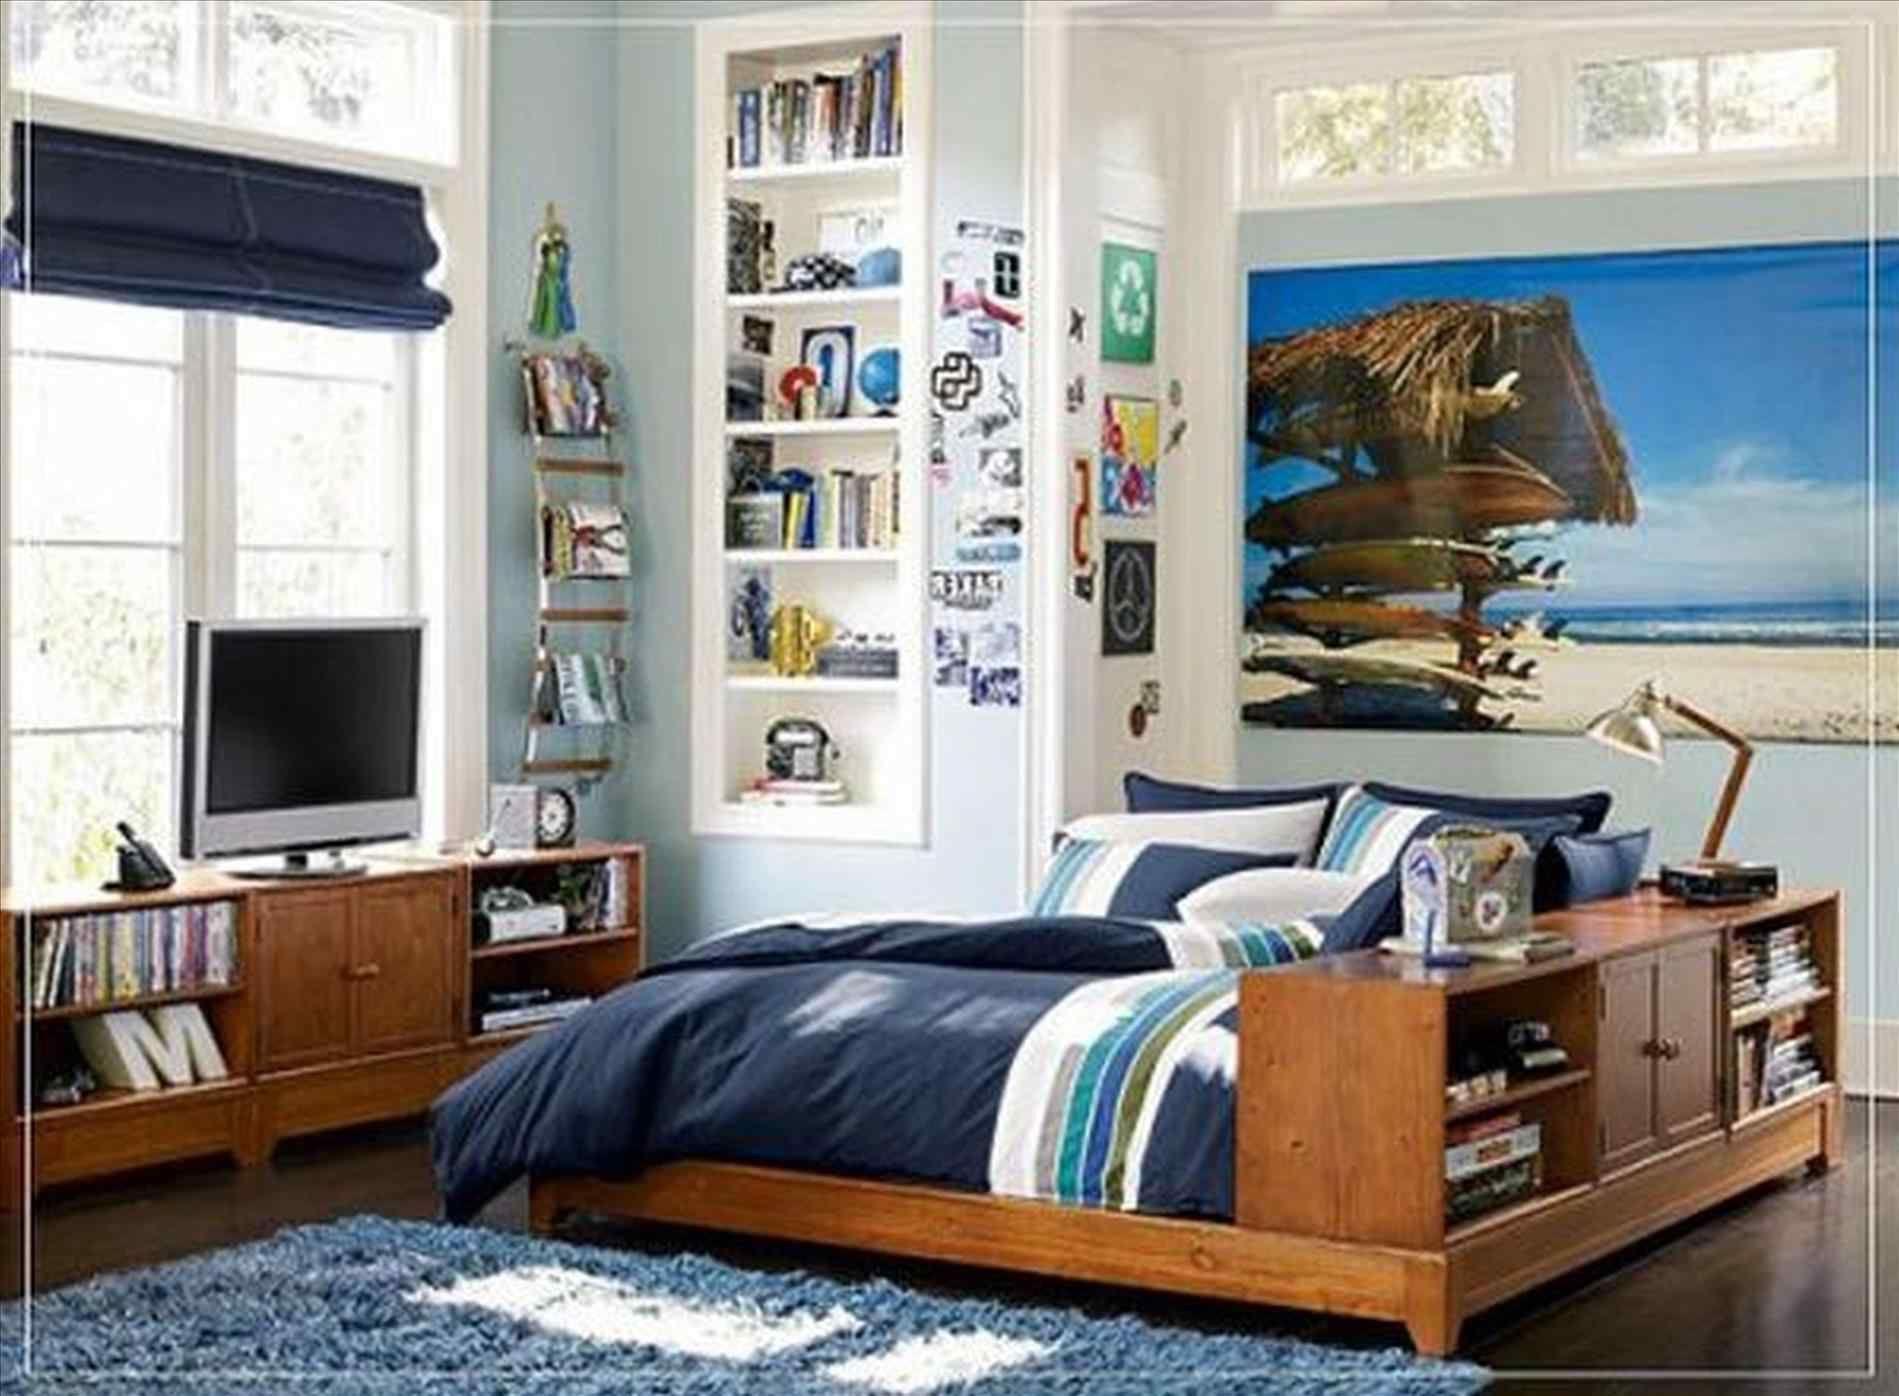 Lustige Jungen Betten | Schlafzimmer design, Jungen betten und ...